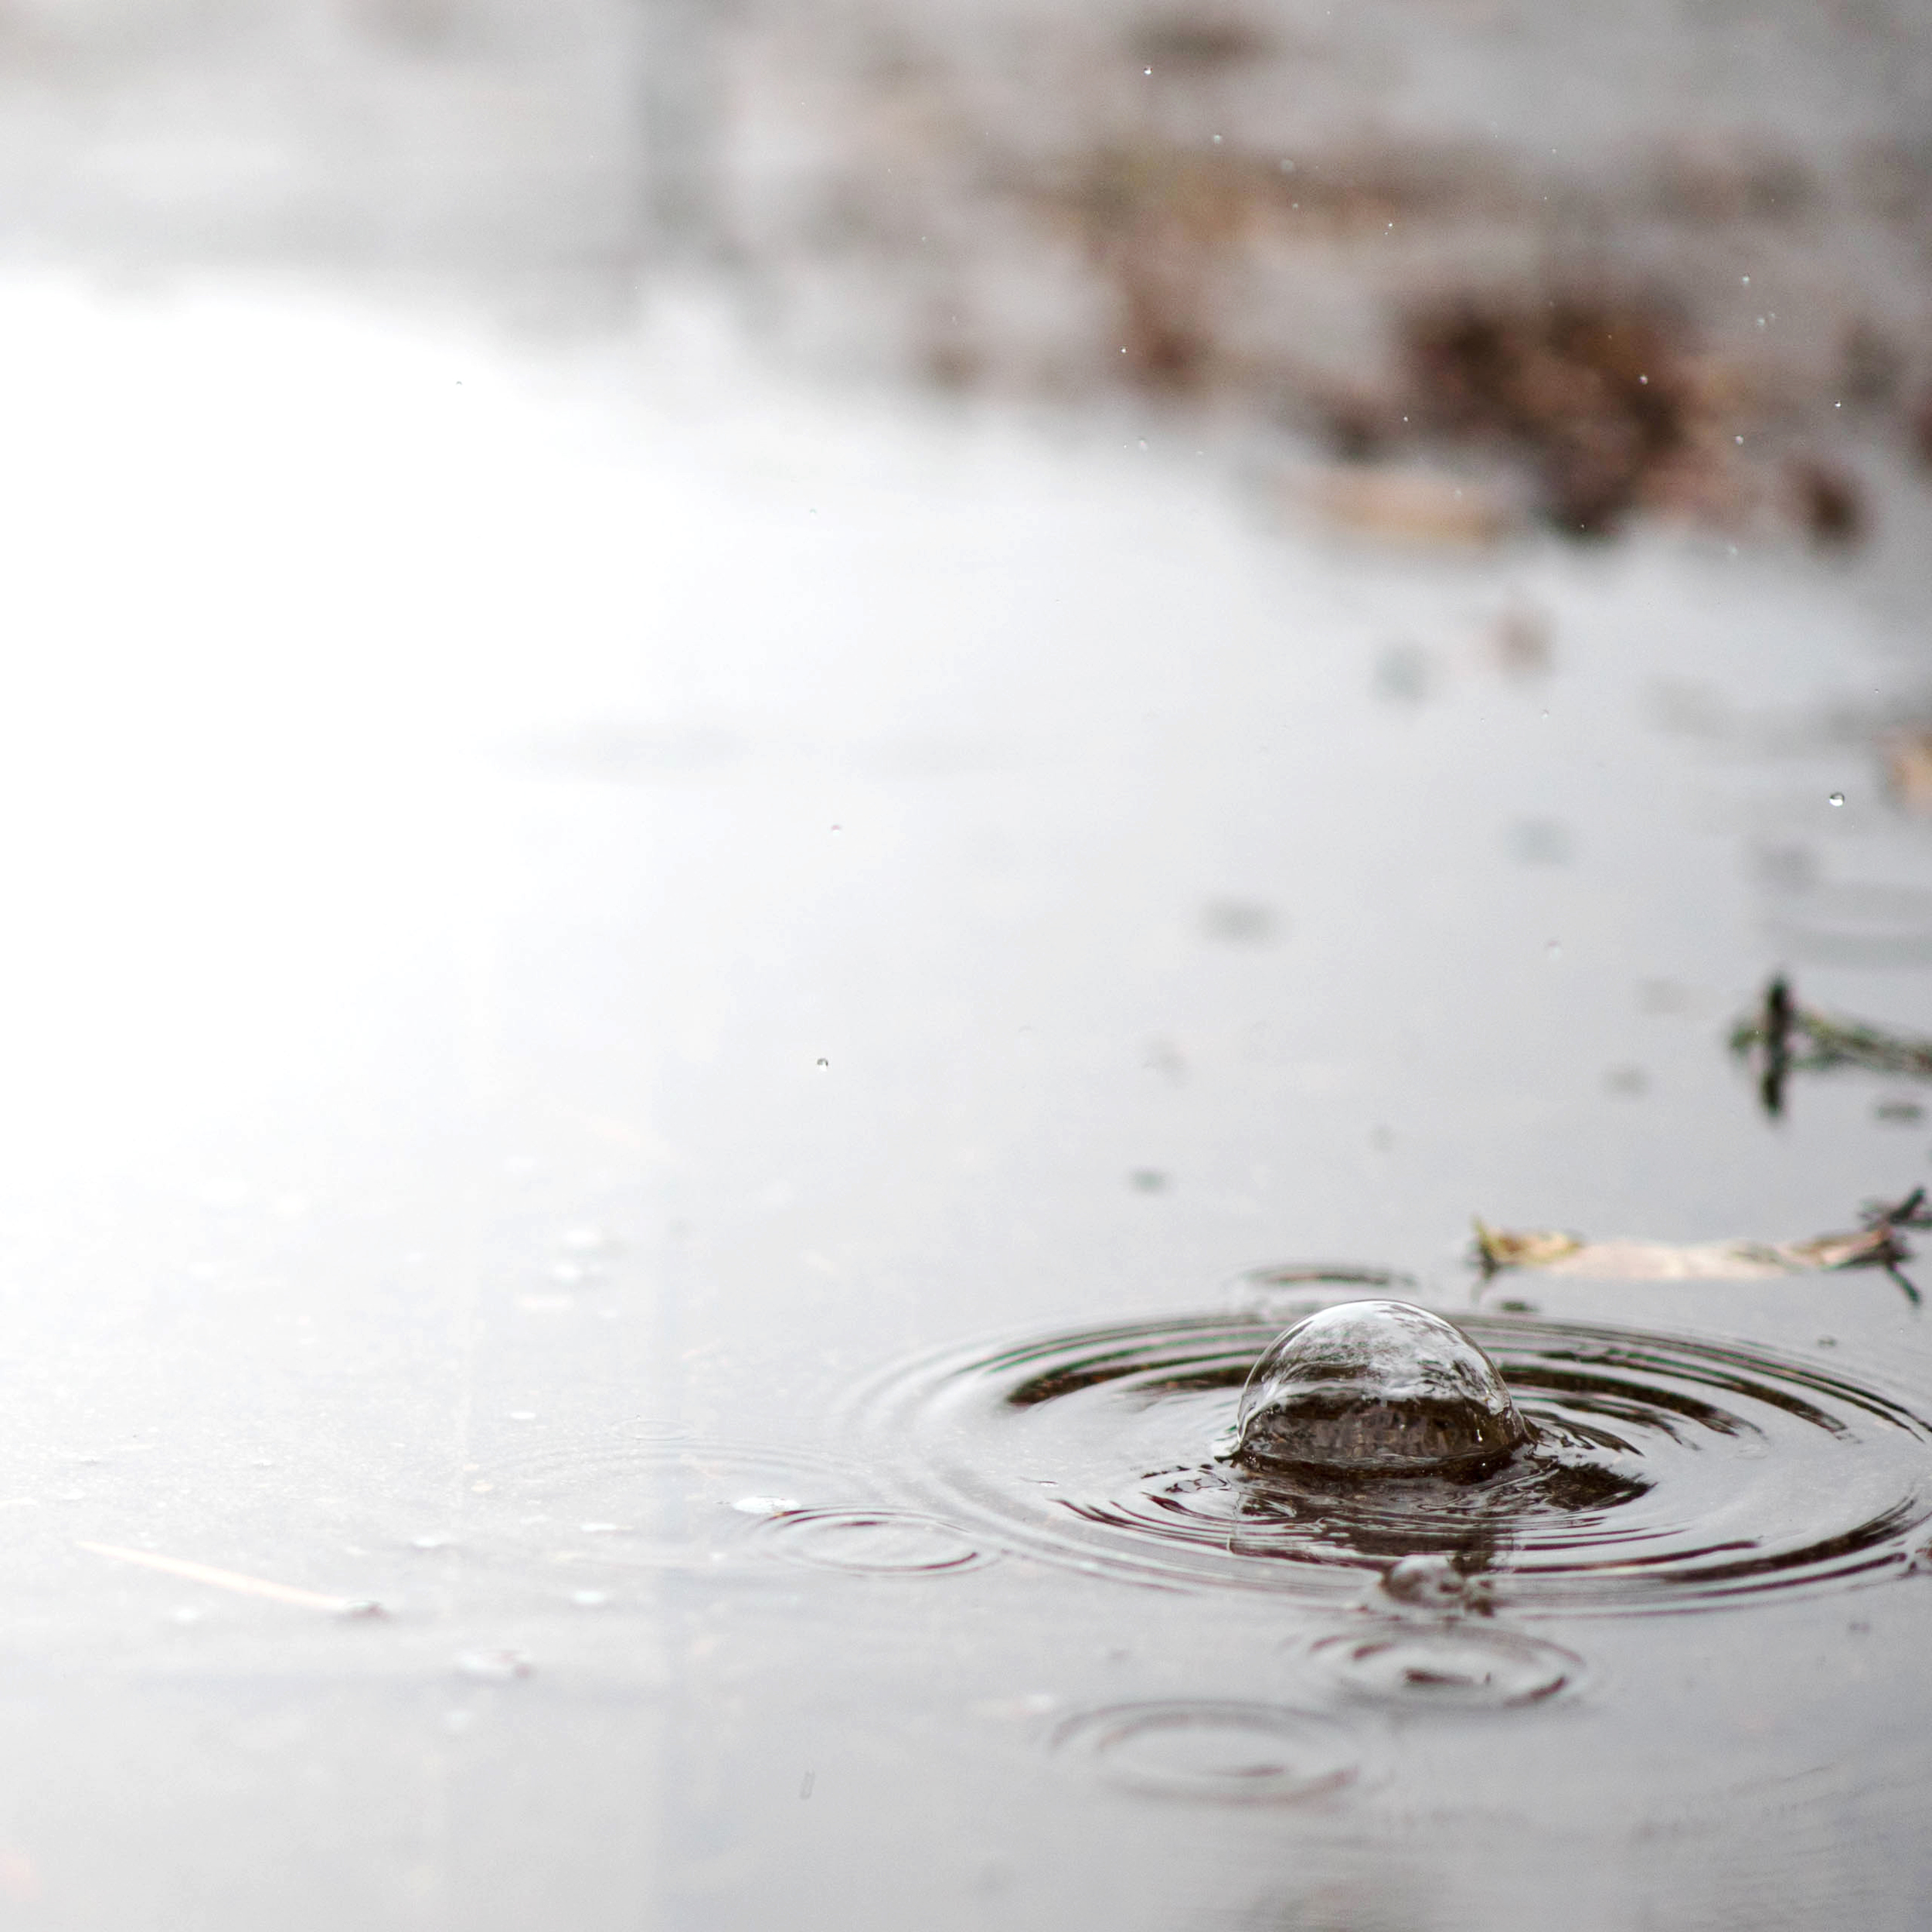 waterdrop-1_newedit.jpg